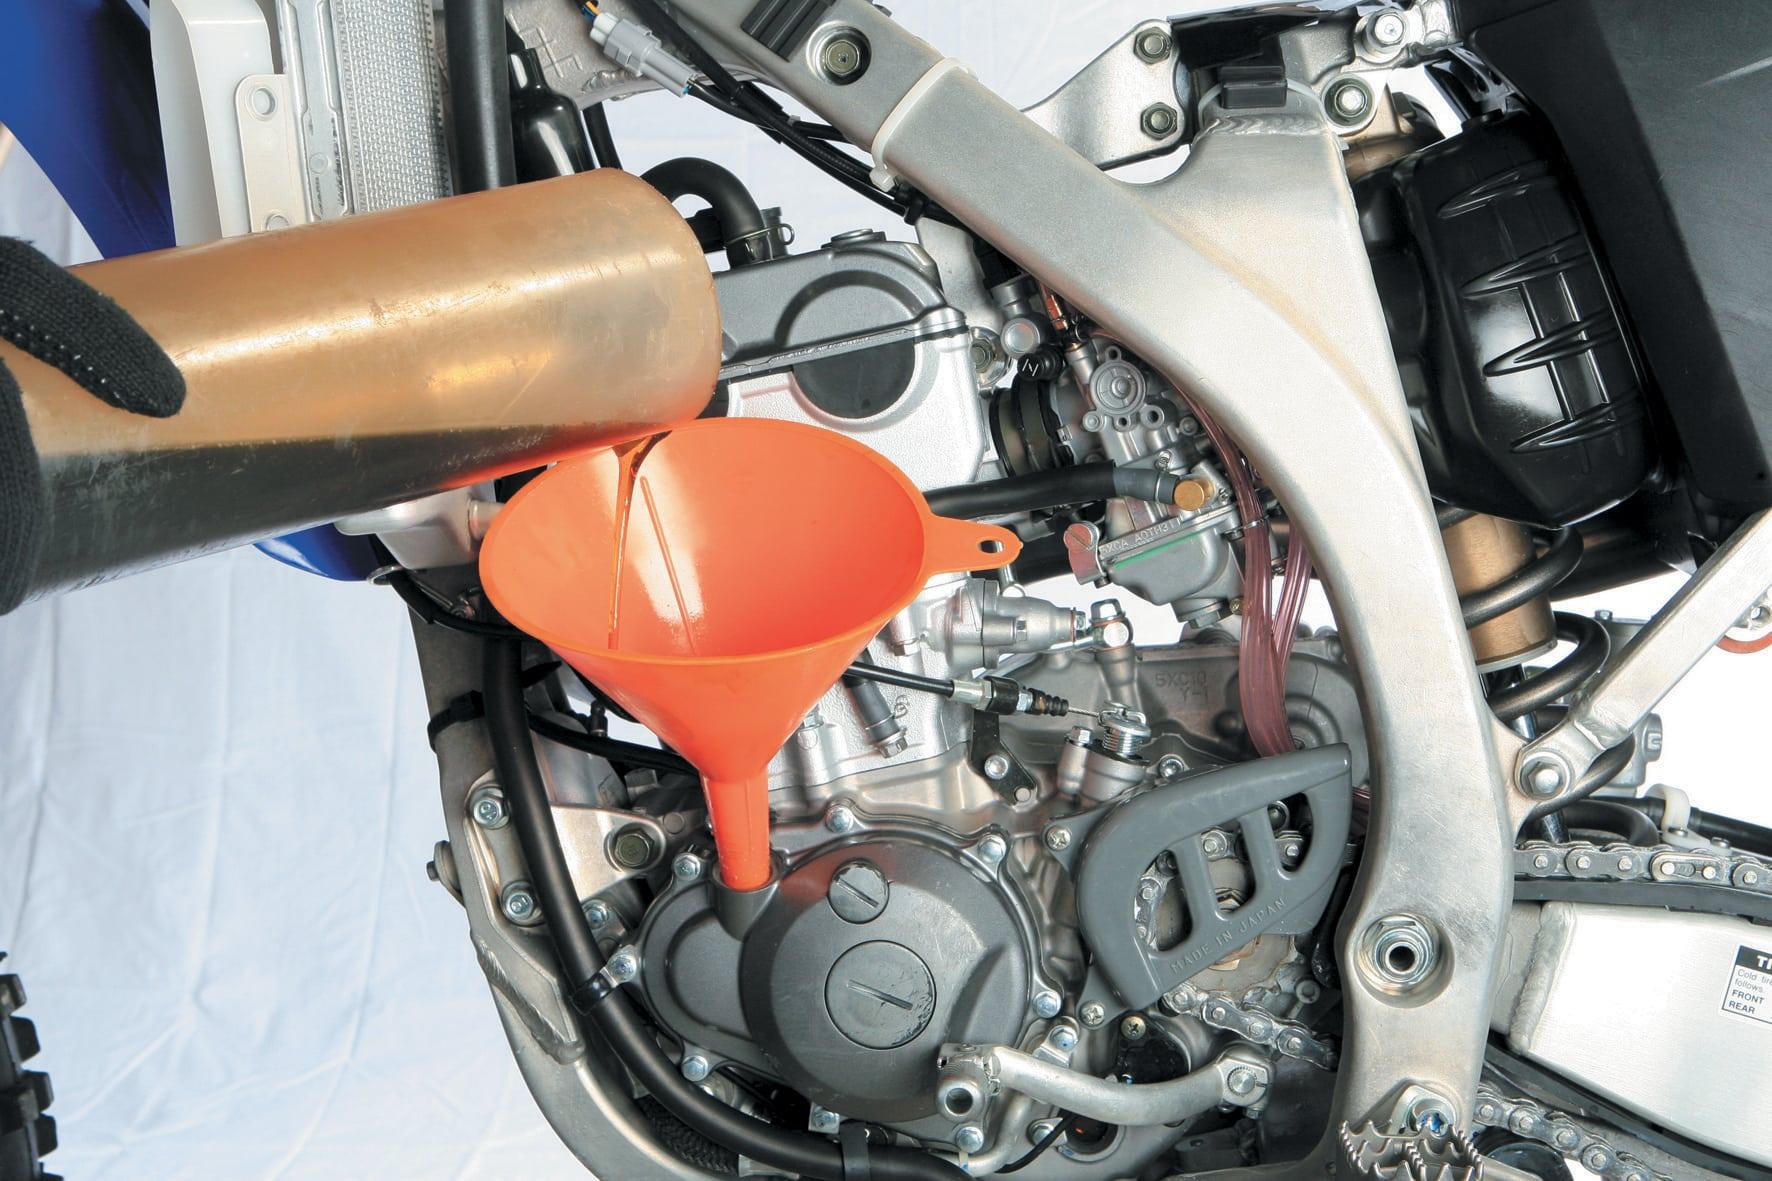 La vidange et le remplacement du filtre à huile